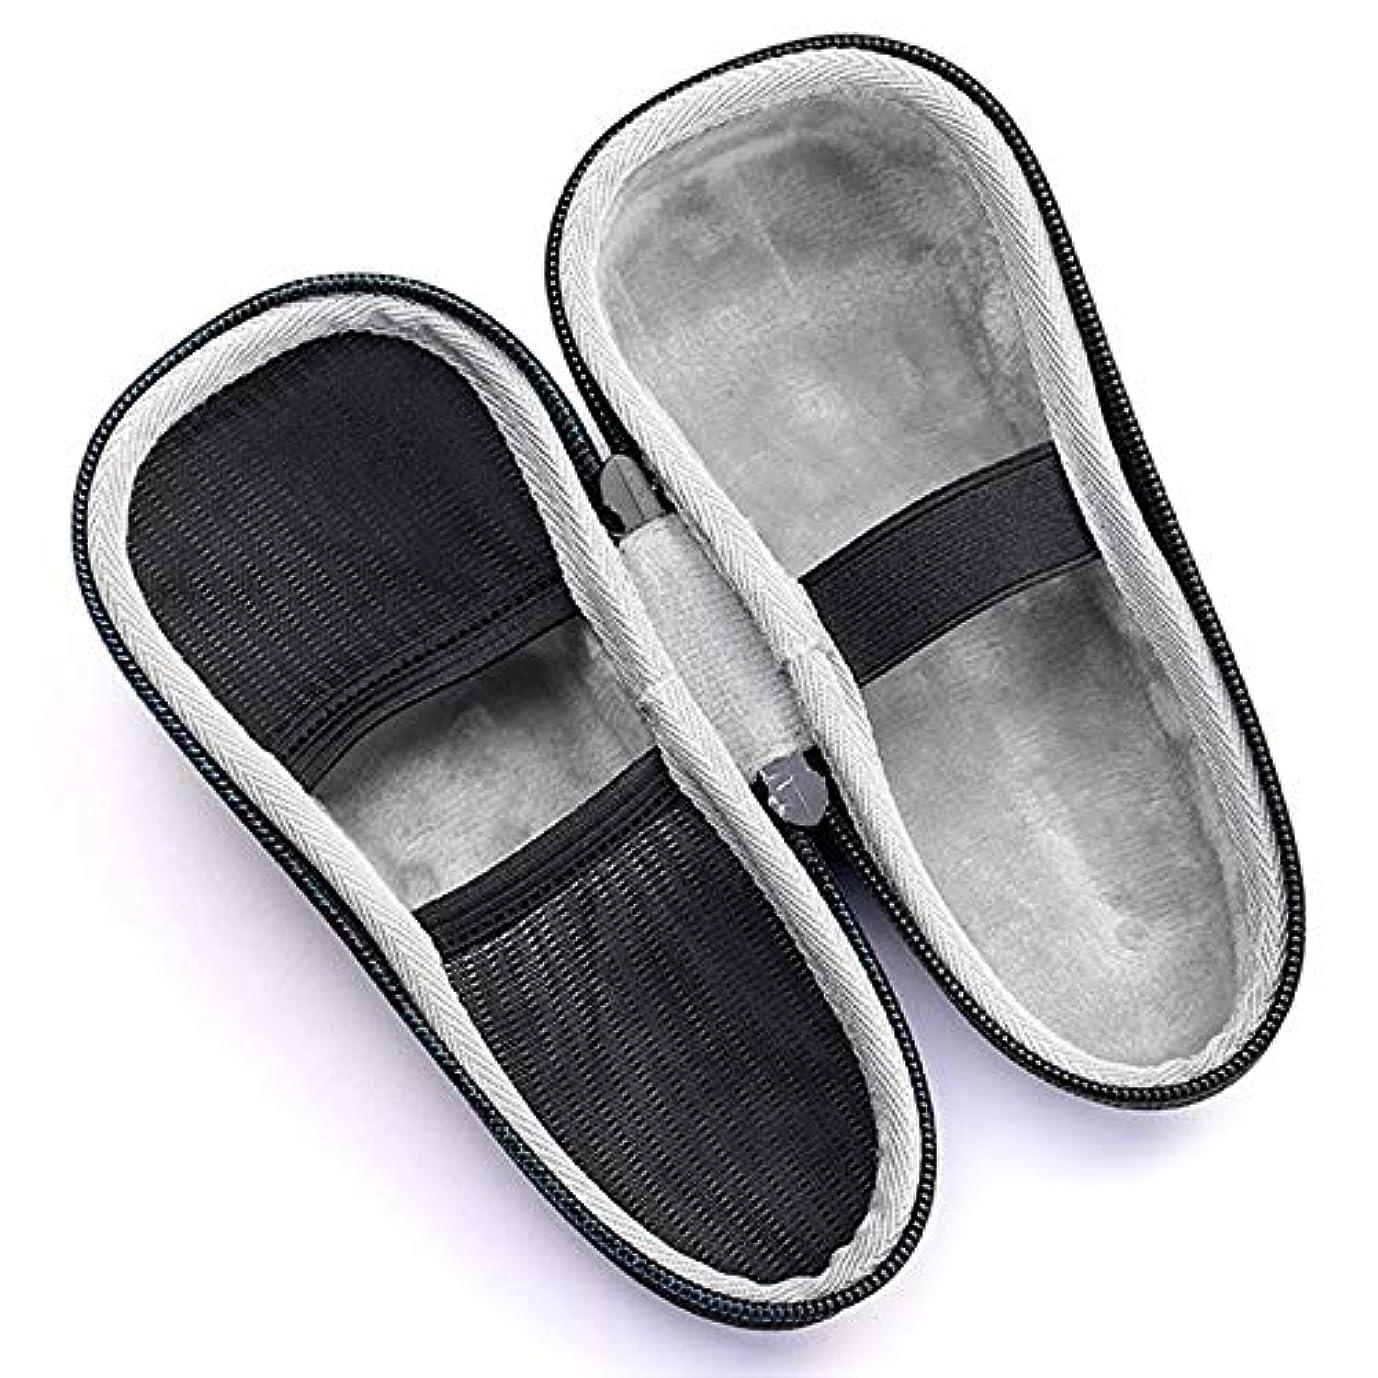 サイレンヒゲクジラあなたのものTOOGOO 髭剃り用収納バッグ、Philips電気シェーバー用、かみそりのバッグ、Philipsシェーバー用旅行ケース、シェービングマシンの収納ケース、バッグ